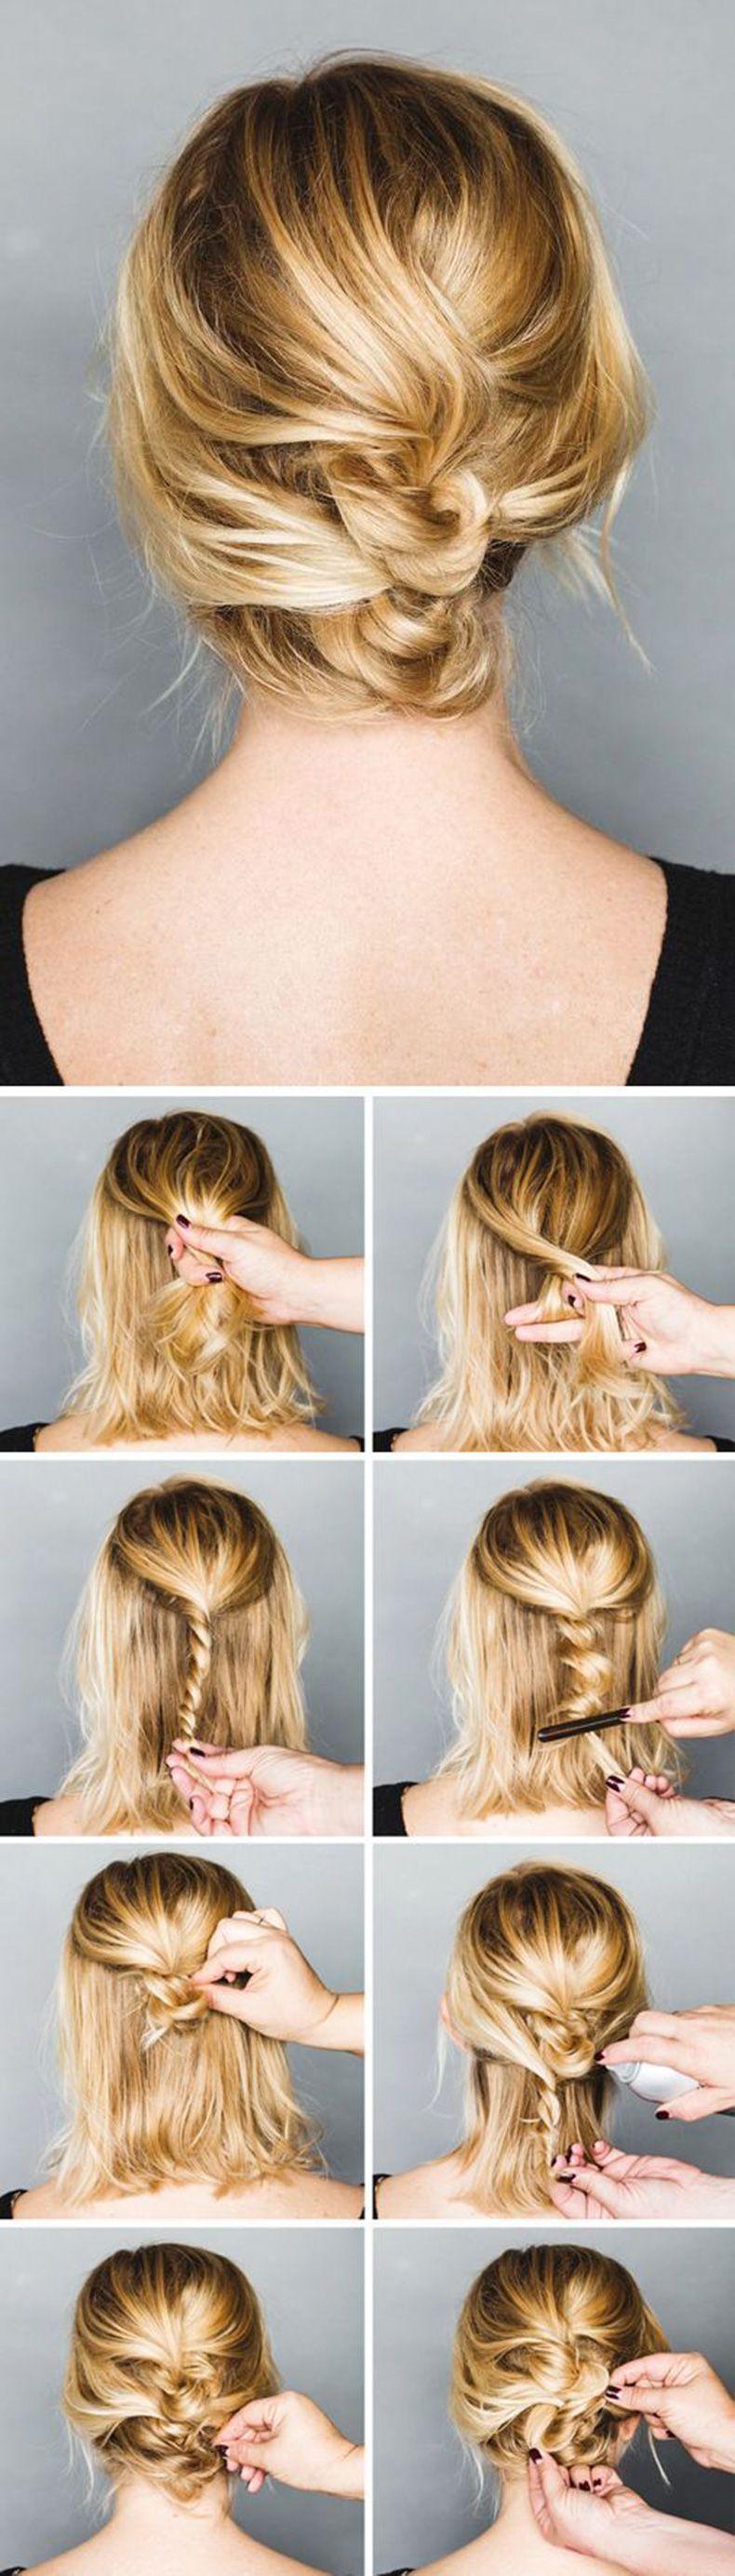 30 Ideas De Peinados Para Pelo Corto